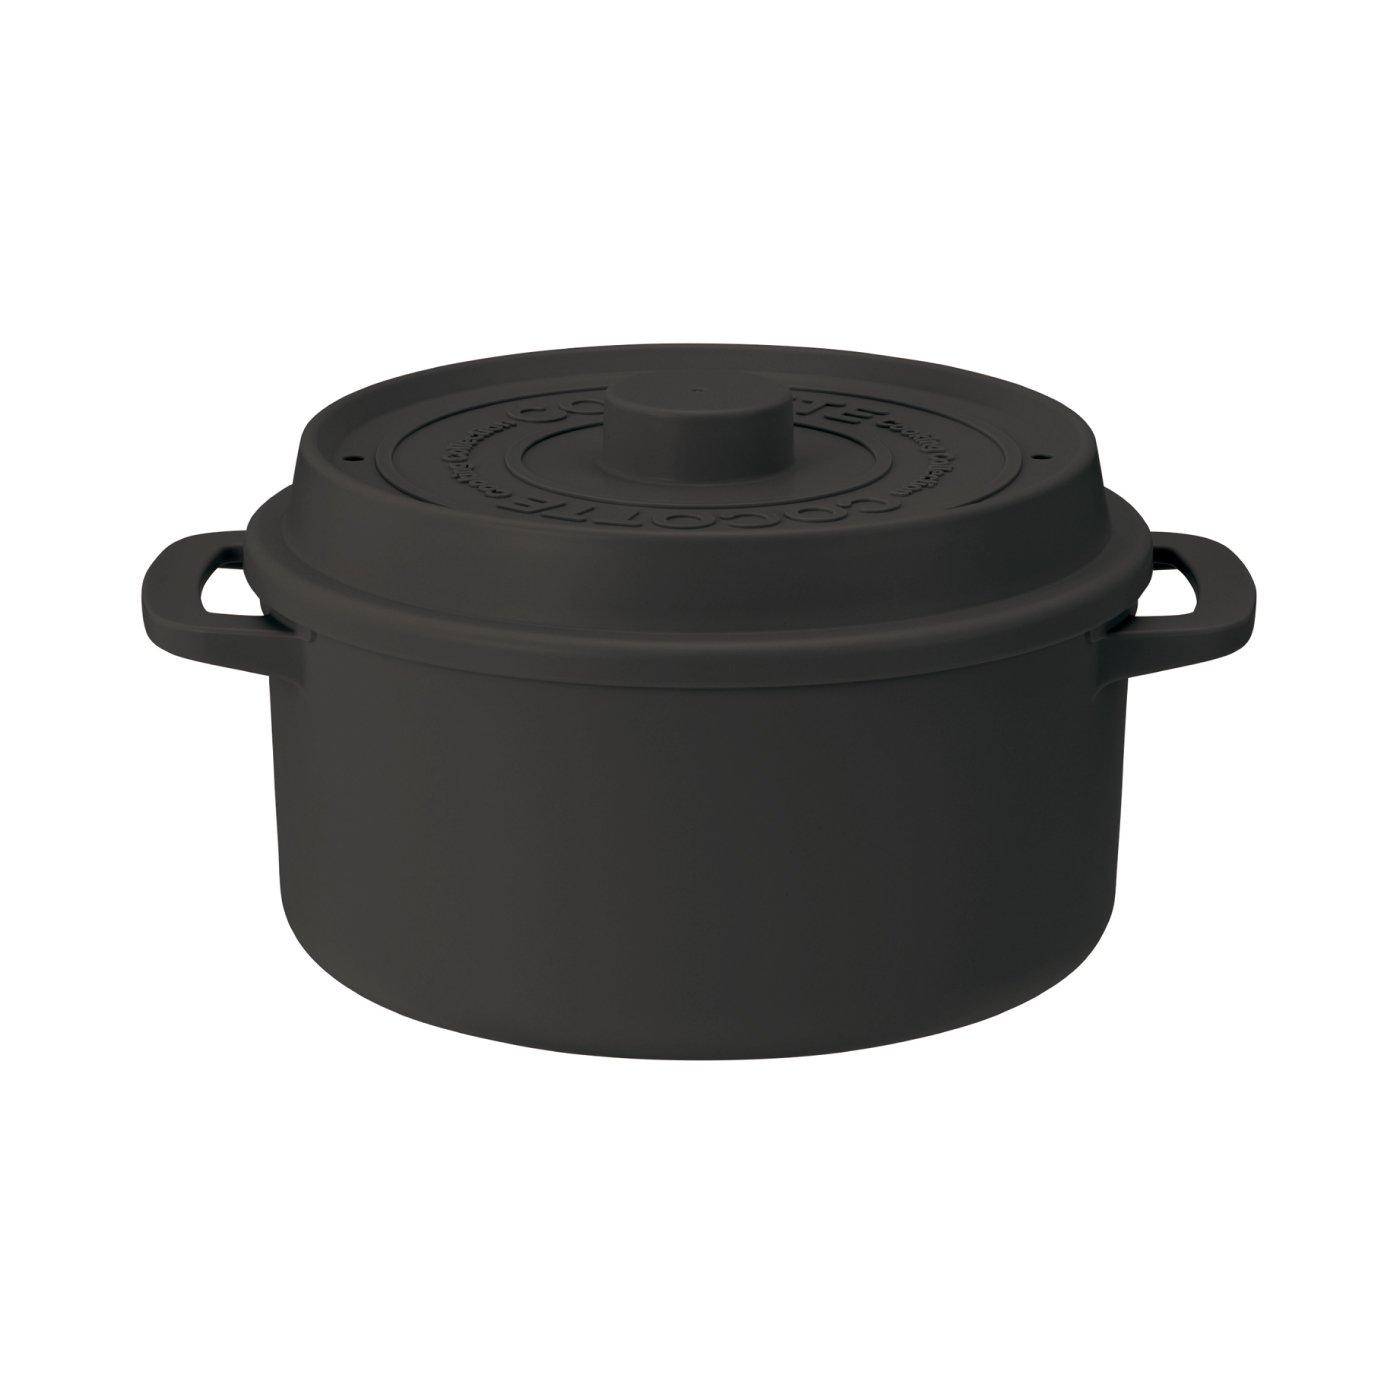 そのままテーブルへ!ココット風電子レンジ用鍋(1.6L) ブラック